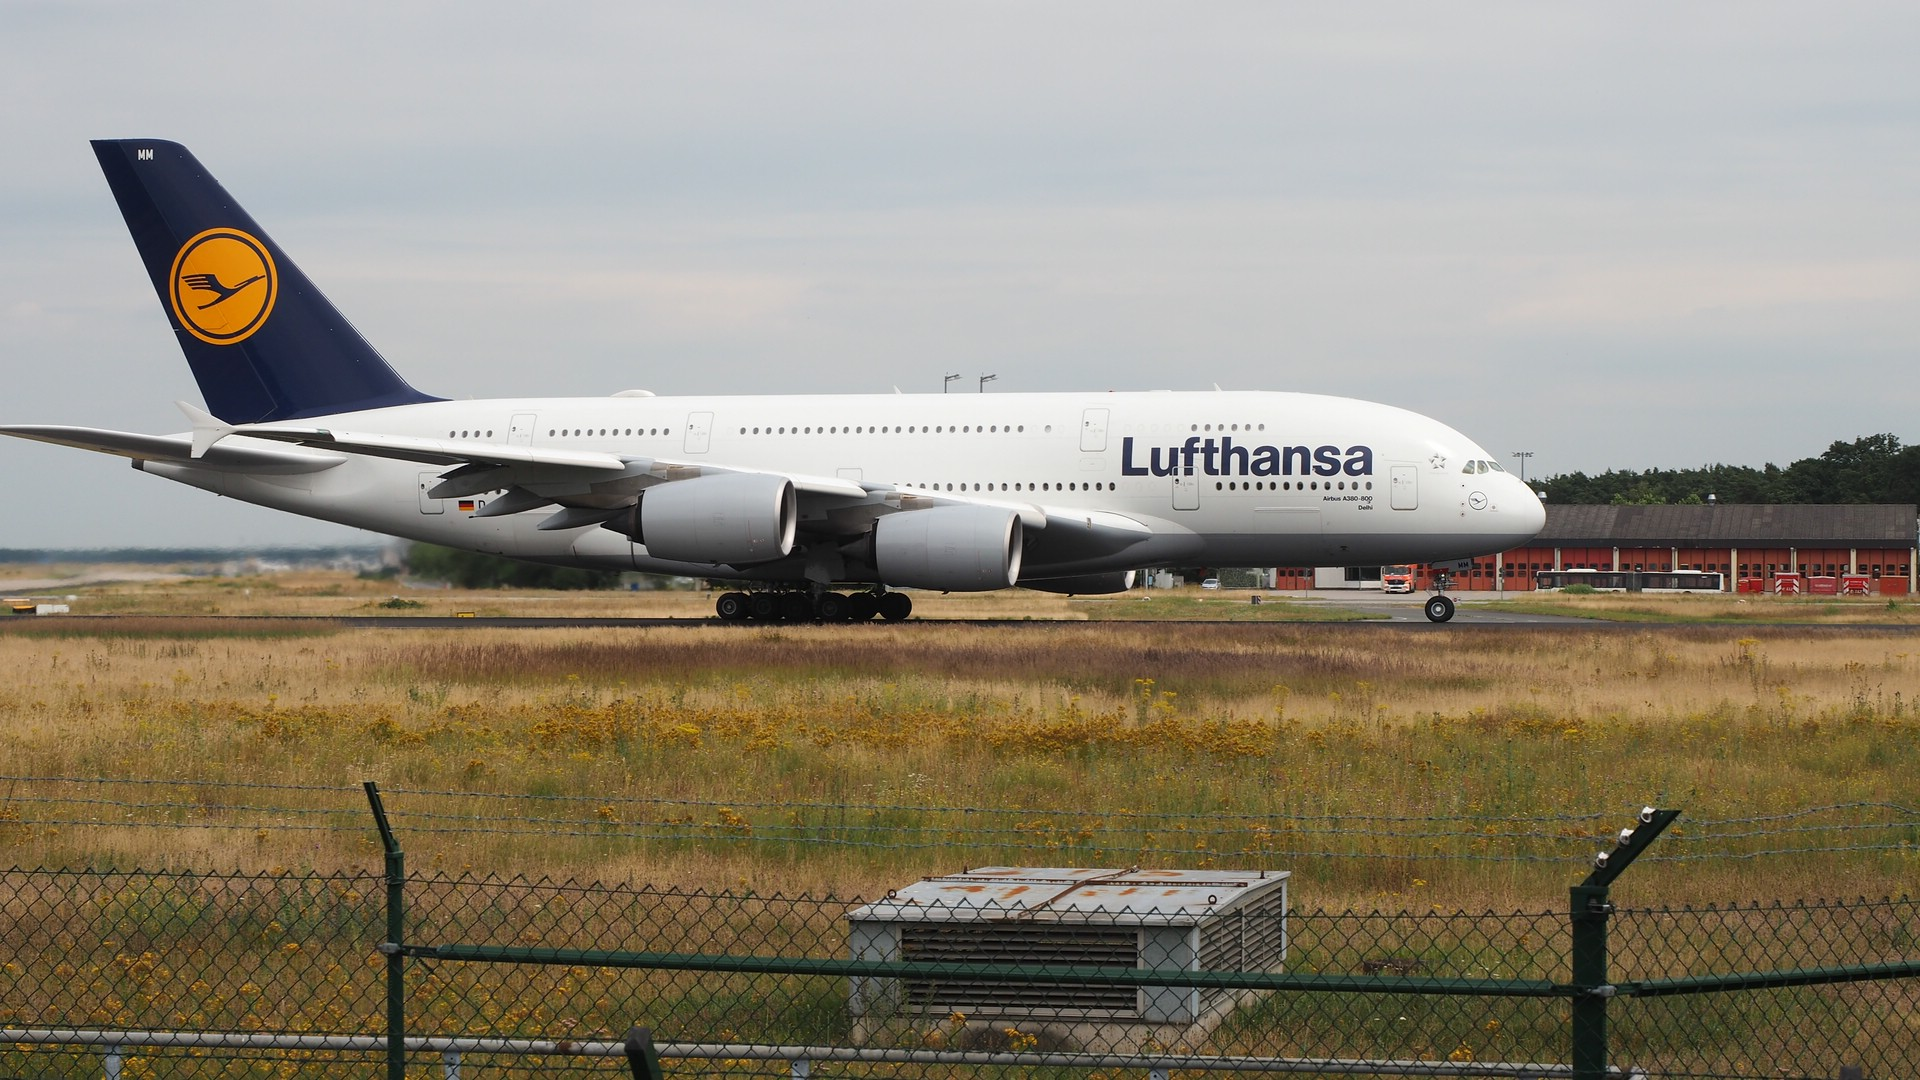 Flugzeuge gucken! Immerhin kommen auch große vorbei...